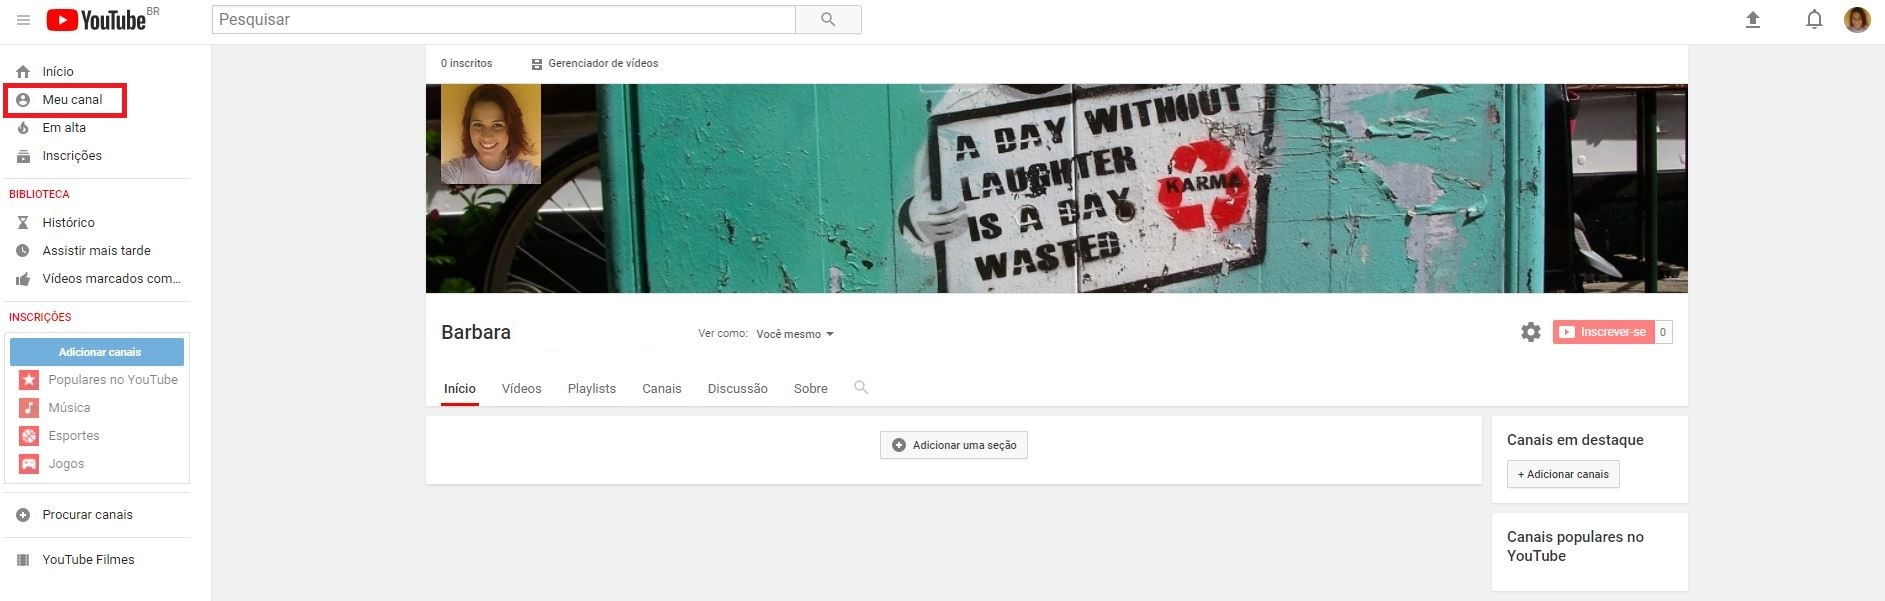 criar um canal no YouTube - imagem indicando o botão de 'Meu Canal'